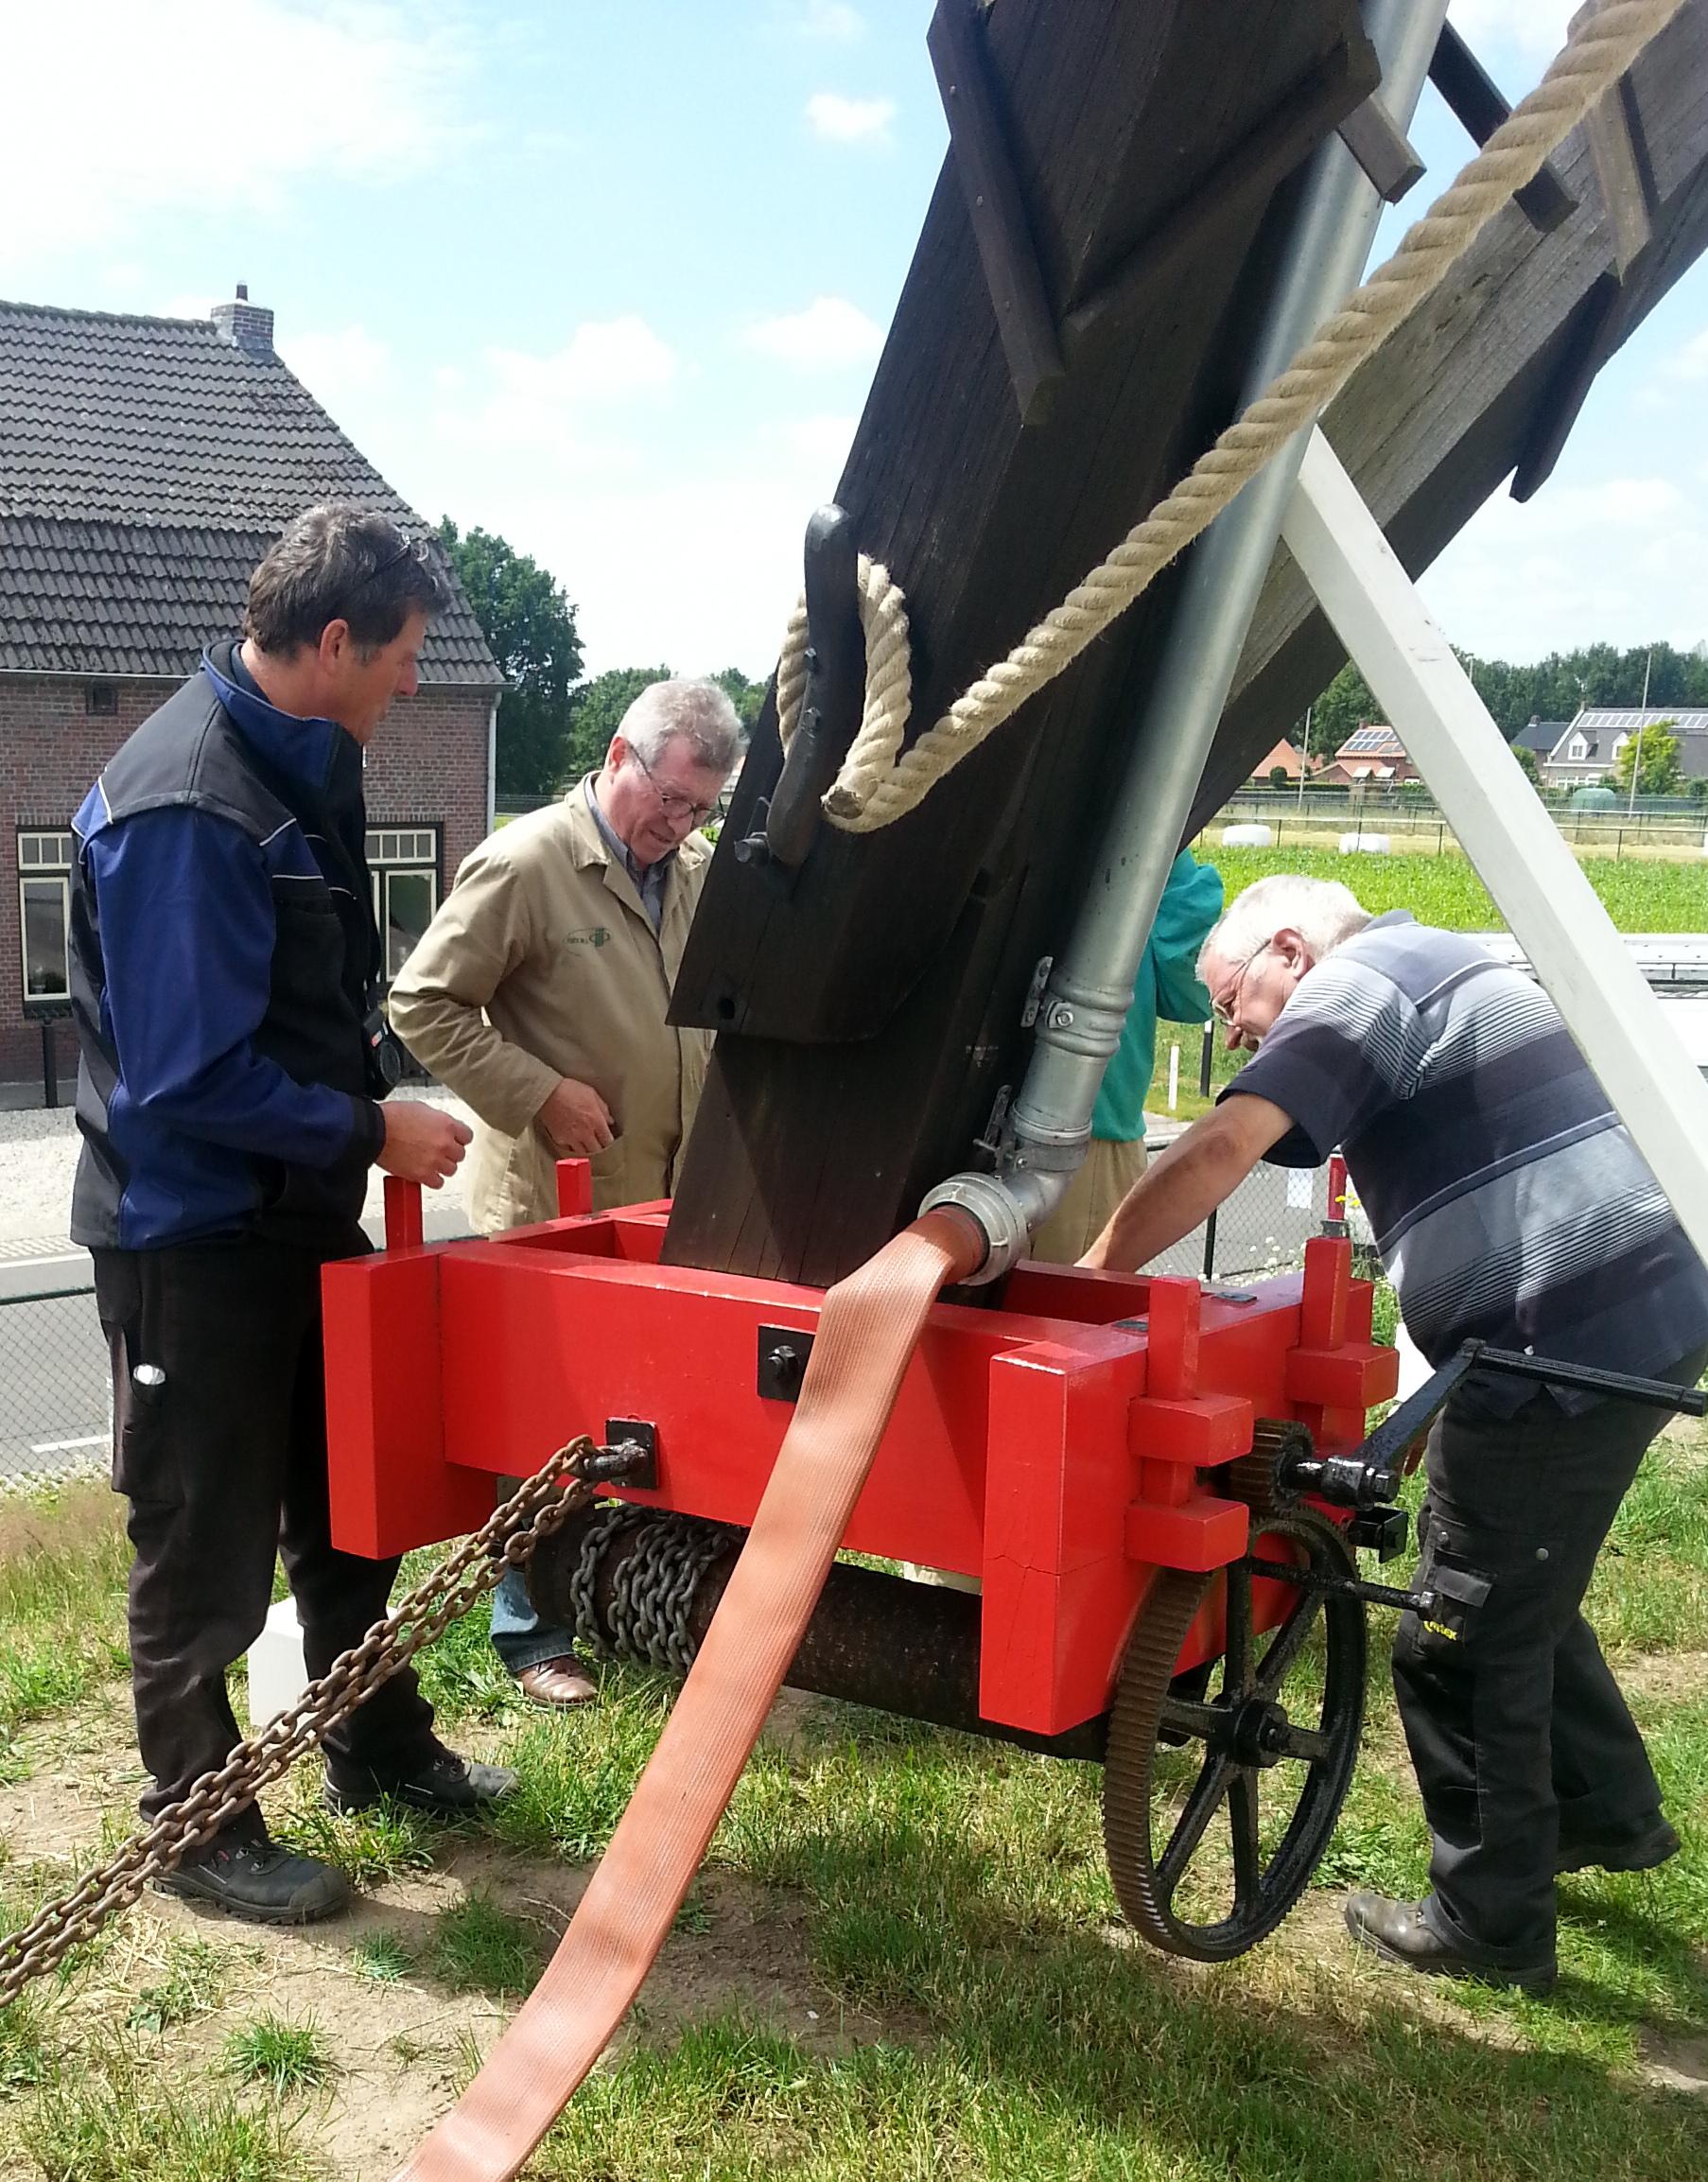 Inspecteur Beeren overlegt met de vrijwillige molenaars hoe een probleem dat tijdens het kruien van de molens soms optreedt, kan worden verholpen.